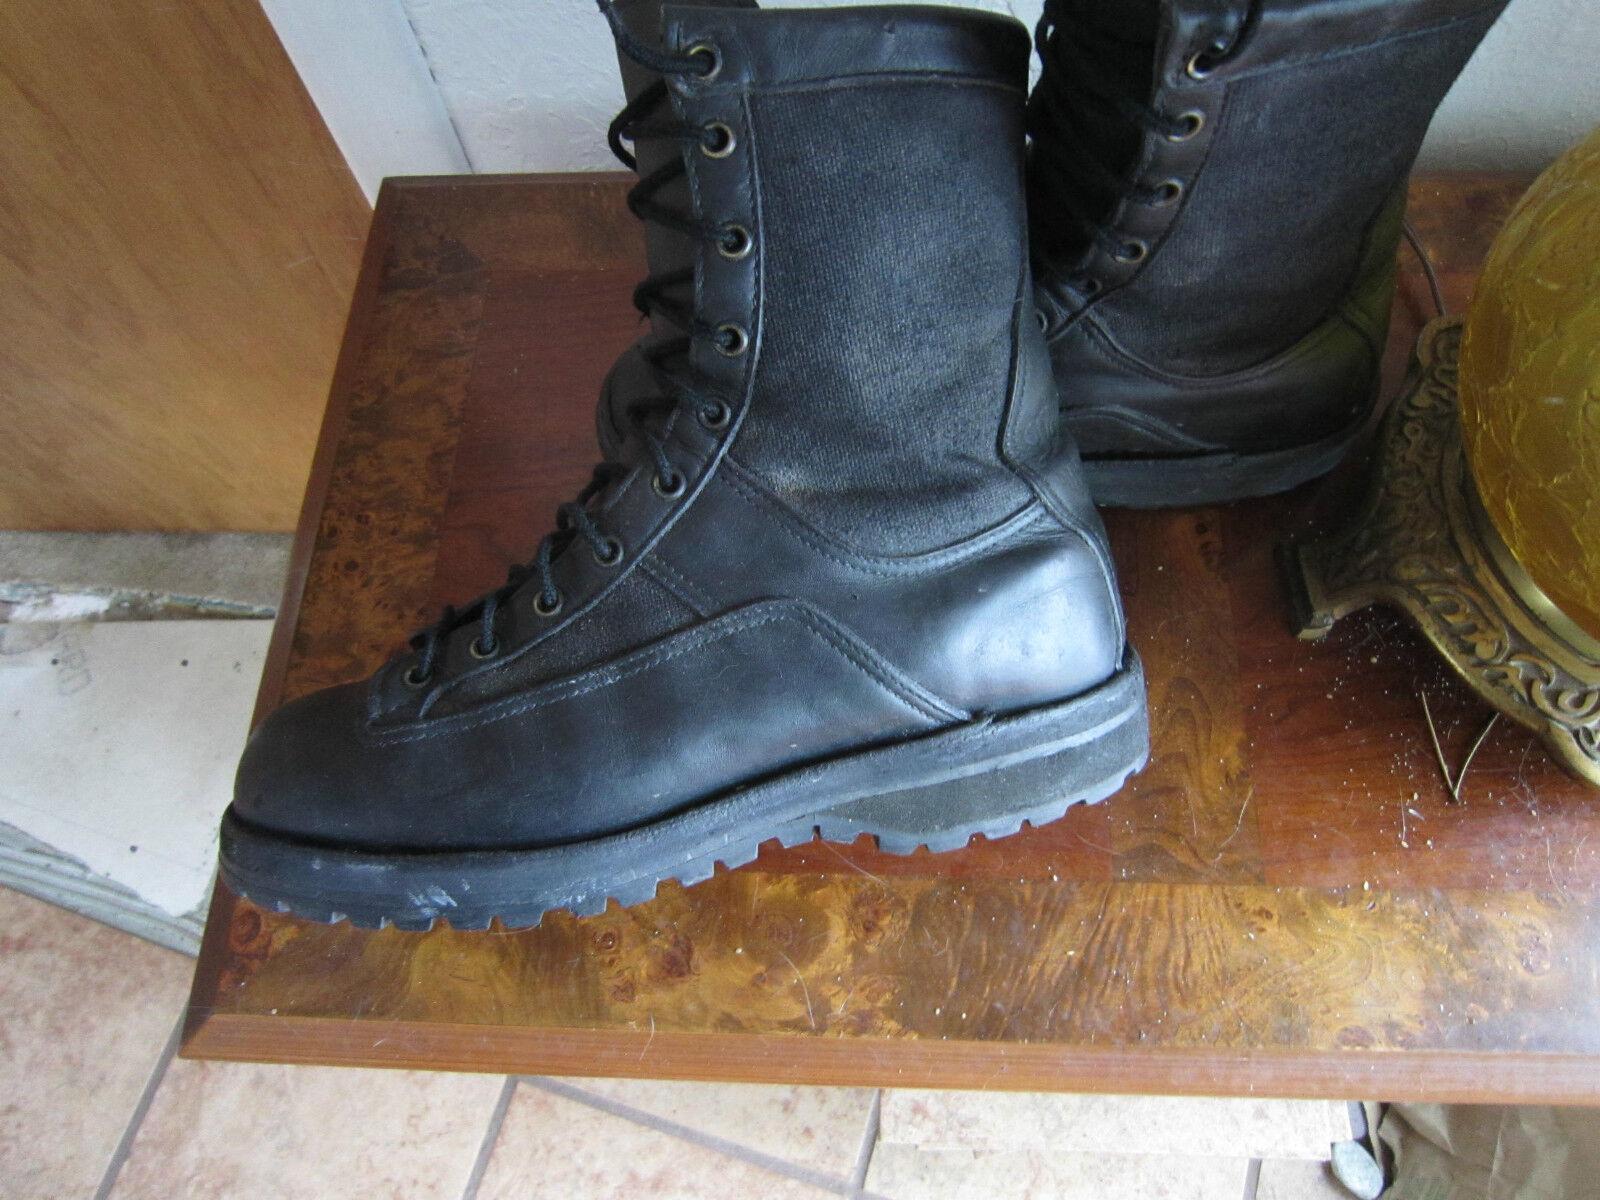 DANNER ACADIA stivali - nero Insulated & Goretex - Dimensione  8D Men's